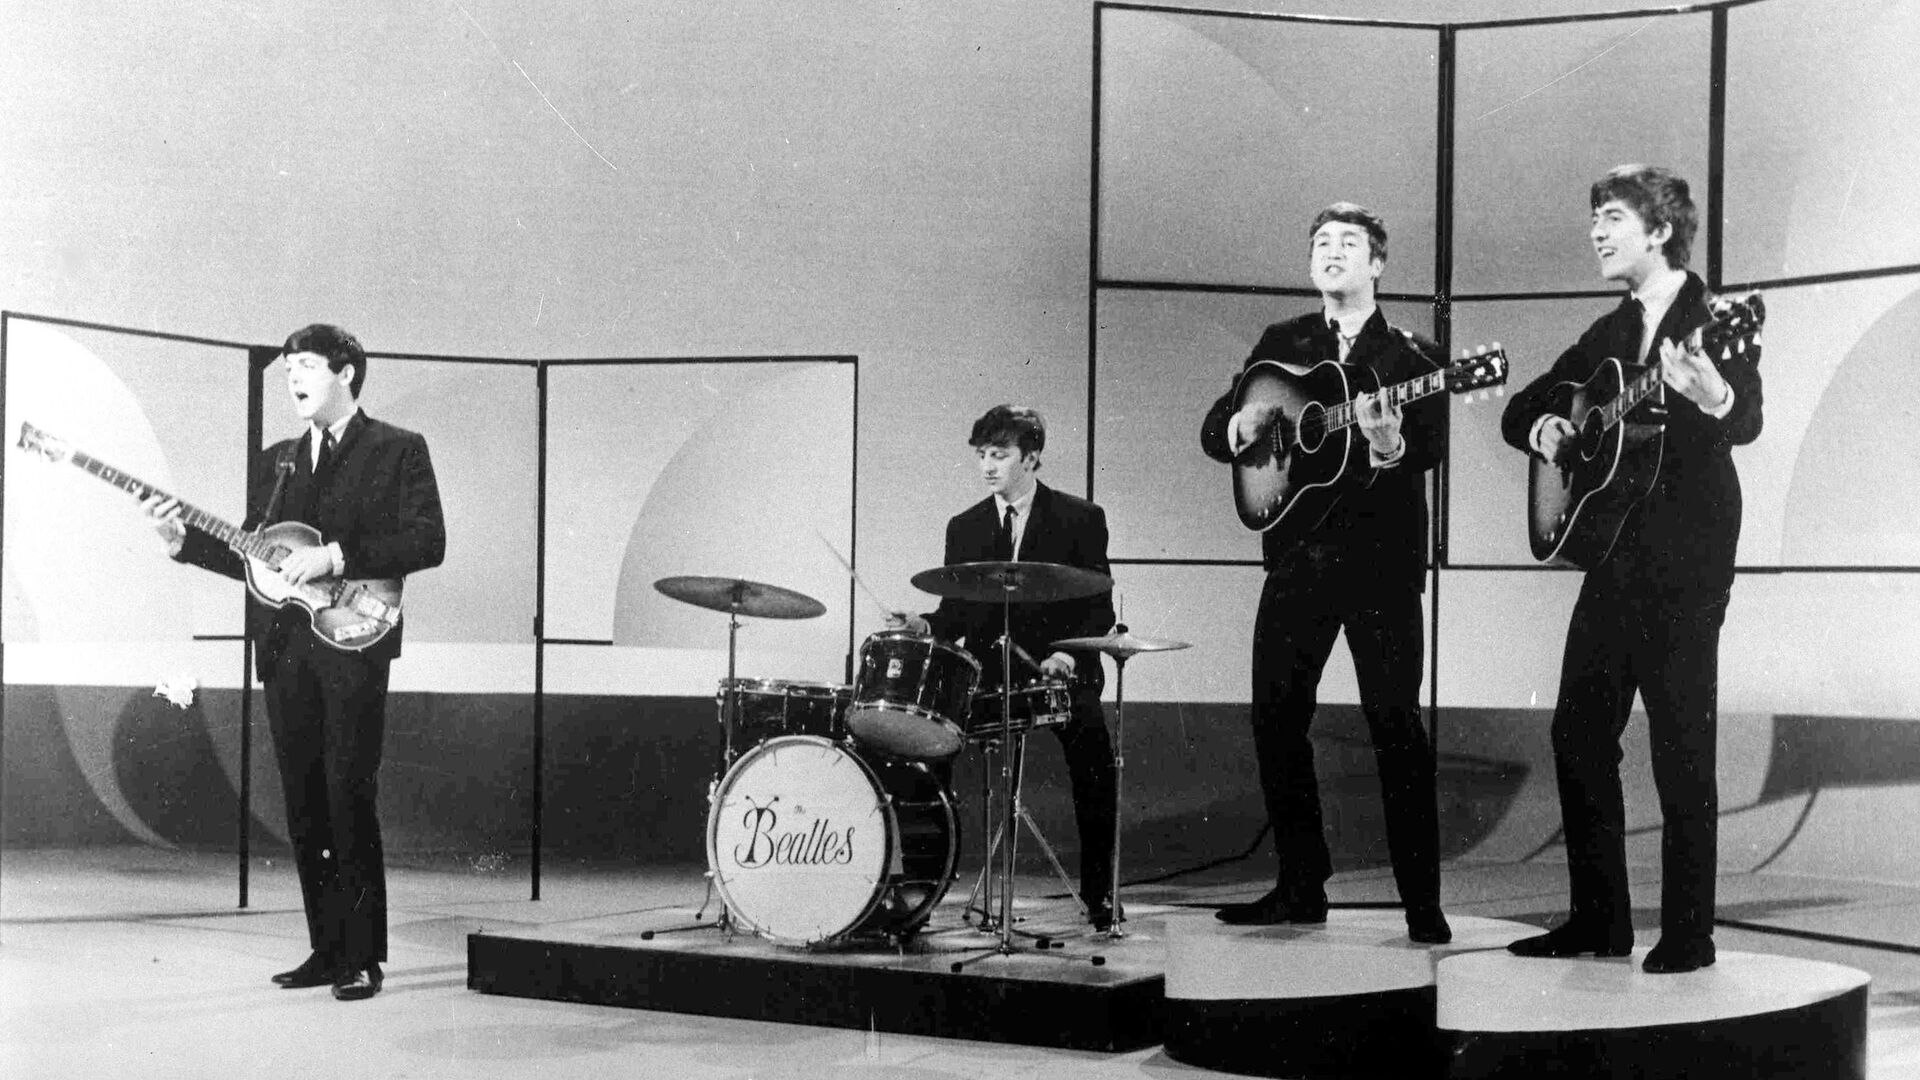 Британская группа The Beatles во время репетиции в студии в Лондоне. 1963 год  - РИА Новости, 1920, 05.08.2020